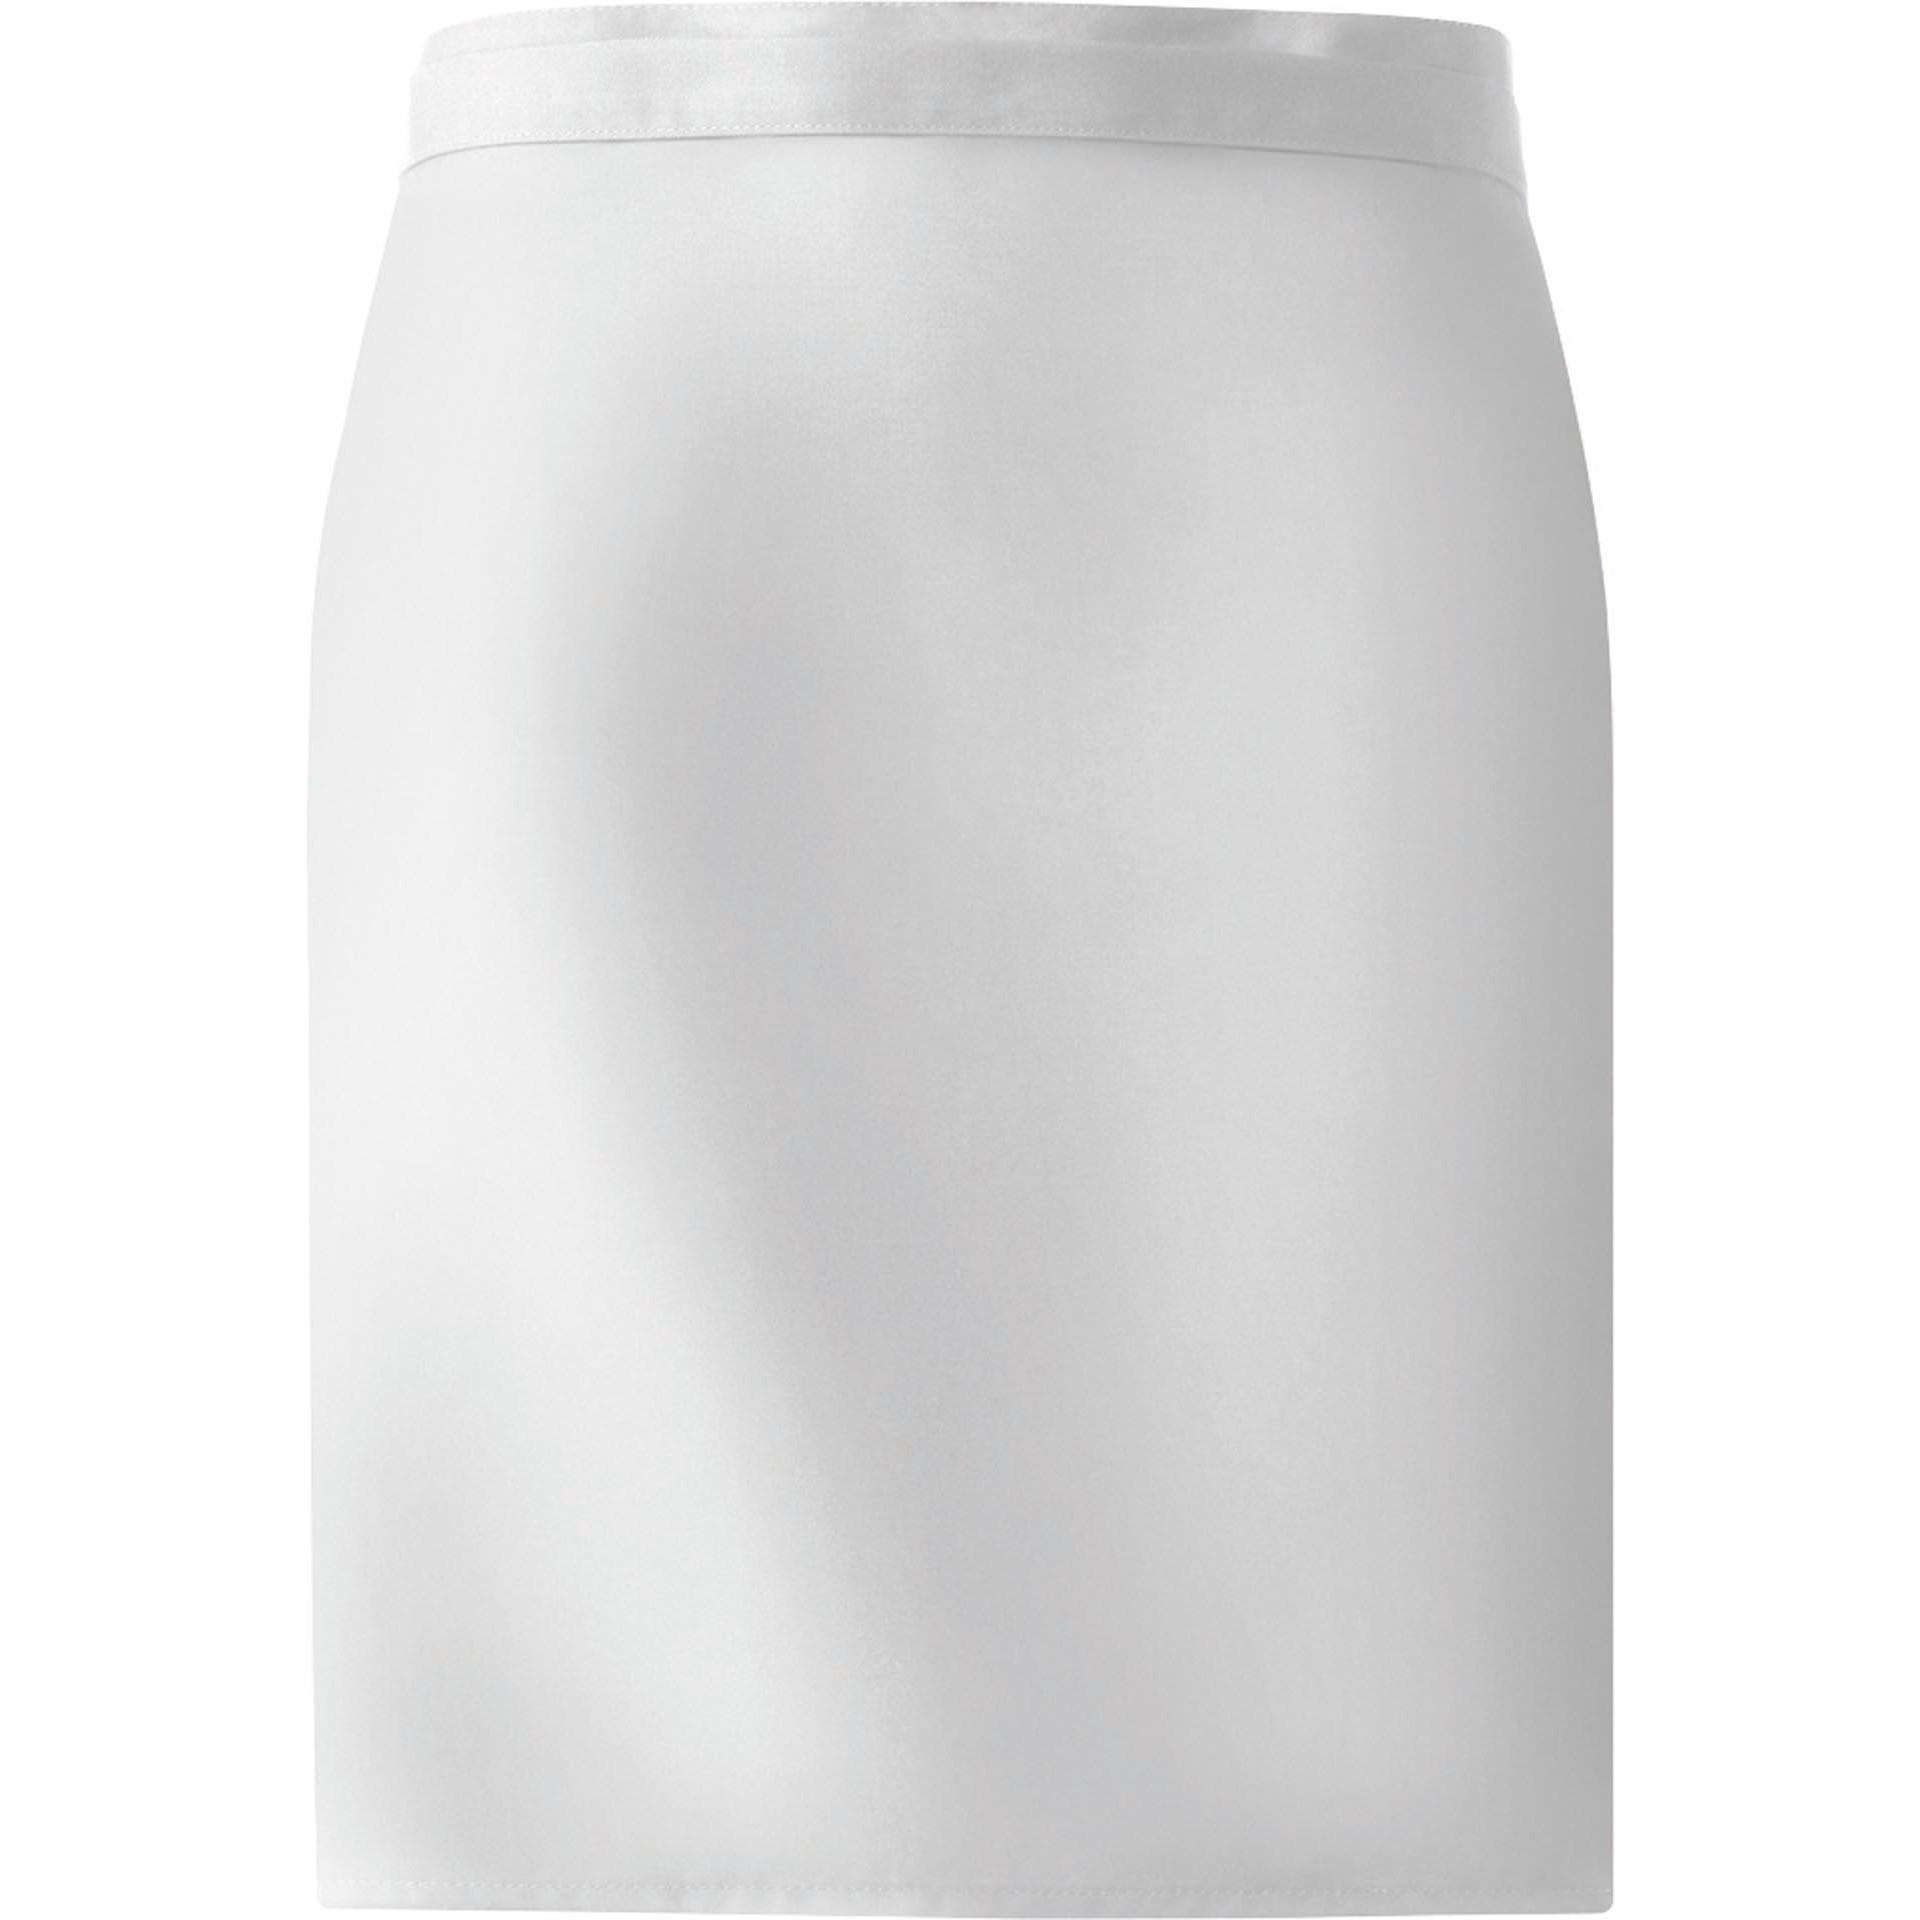 Vorbinder 90 x 50 cm weiß